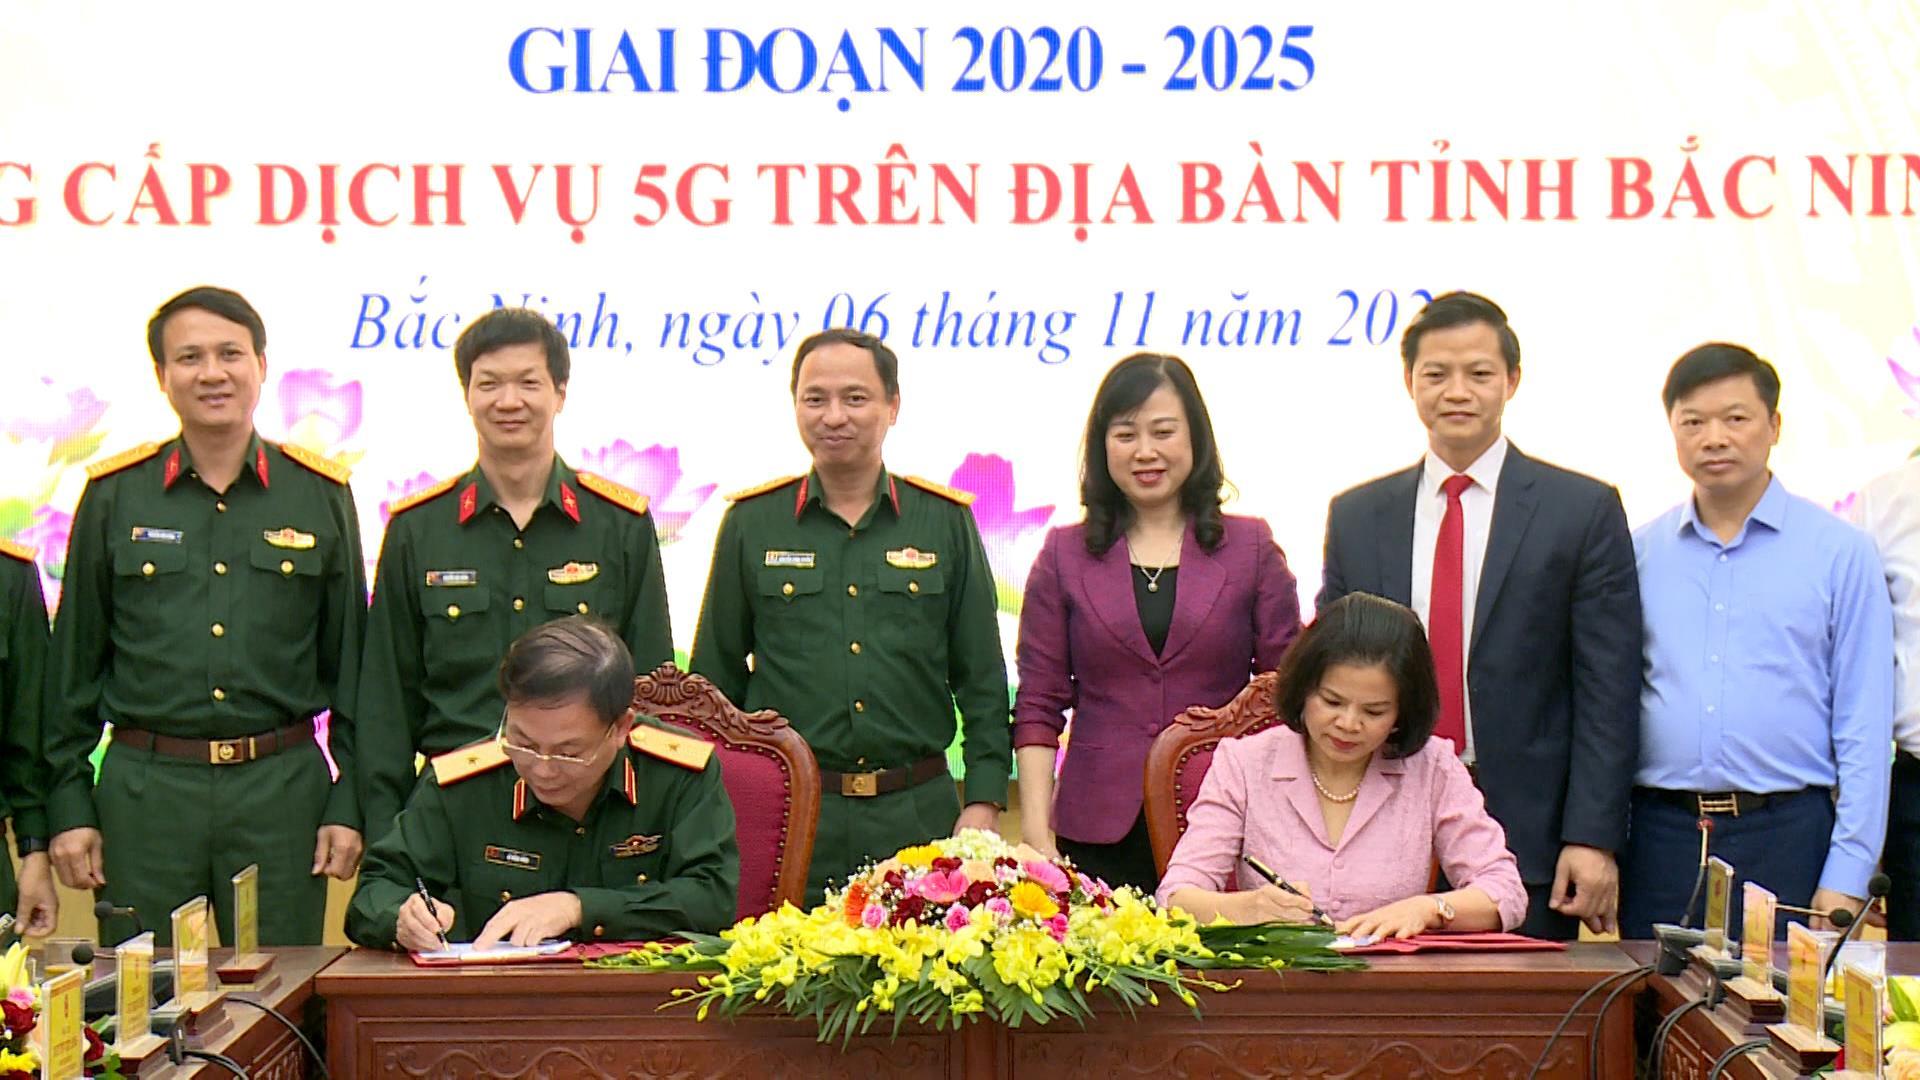 Ký kết hợp tác xây dựng chính quyền điện tử giữa Tập đoàn Viettel và UBND tỉnh Bắc Ninh